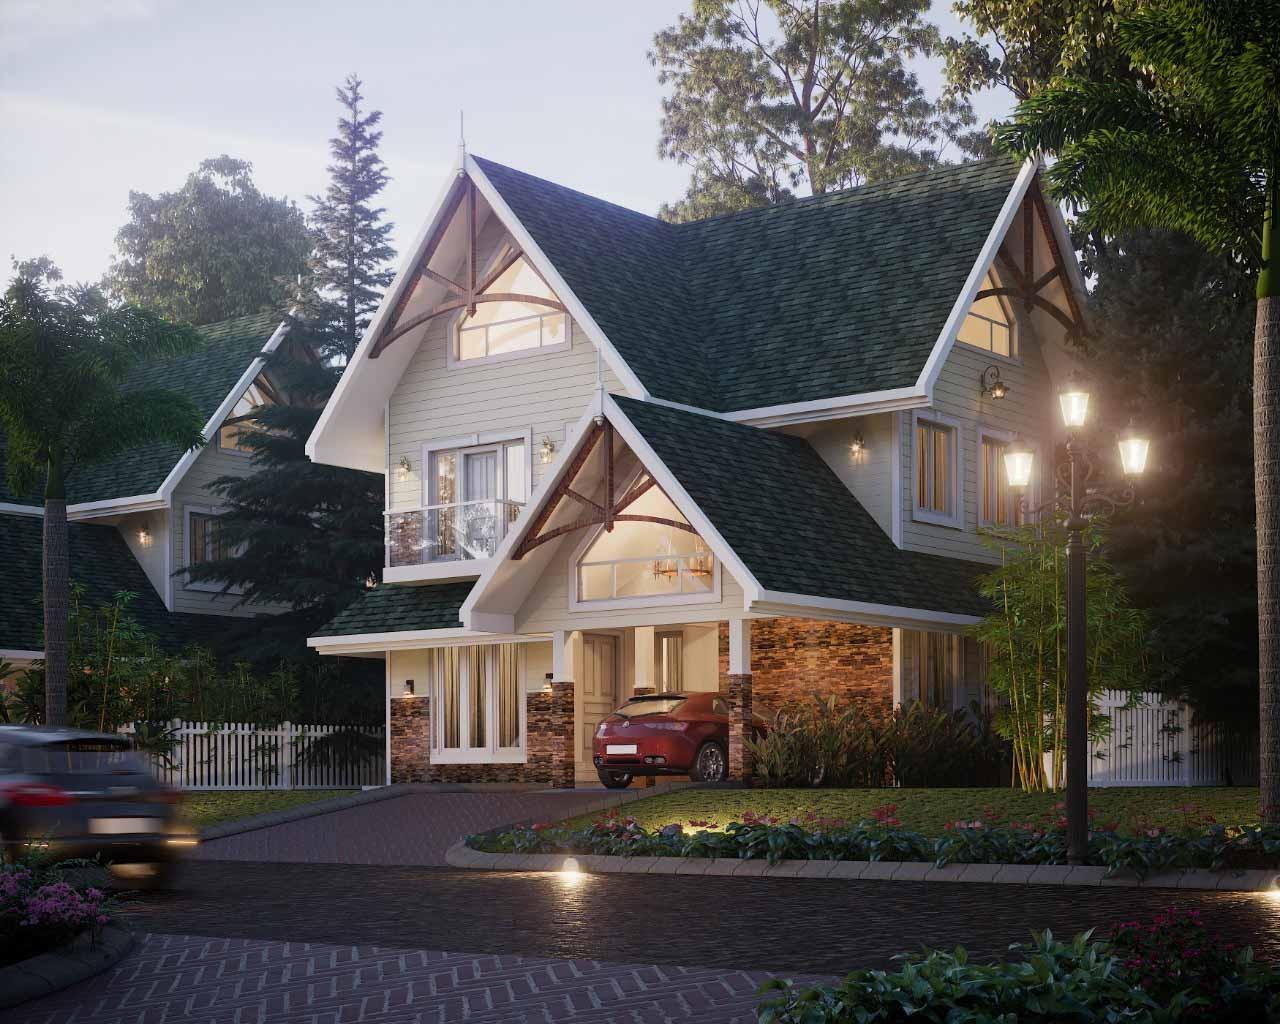 Scotland Yard Villa